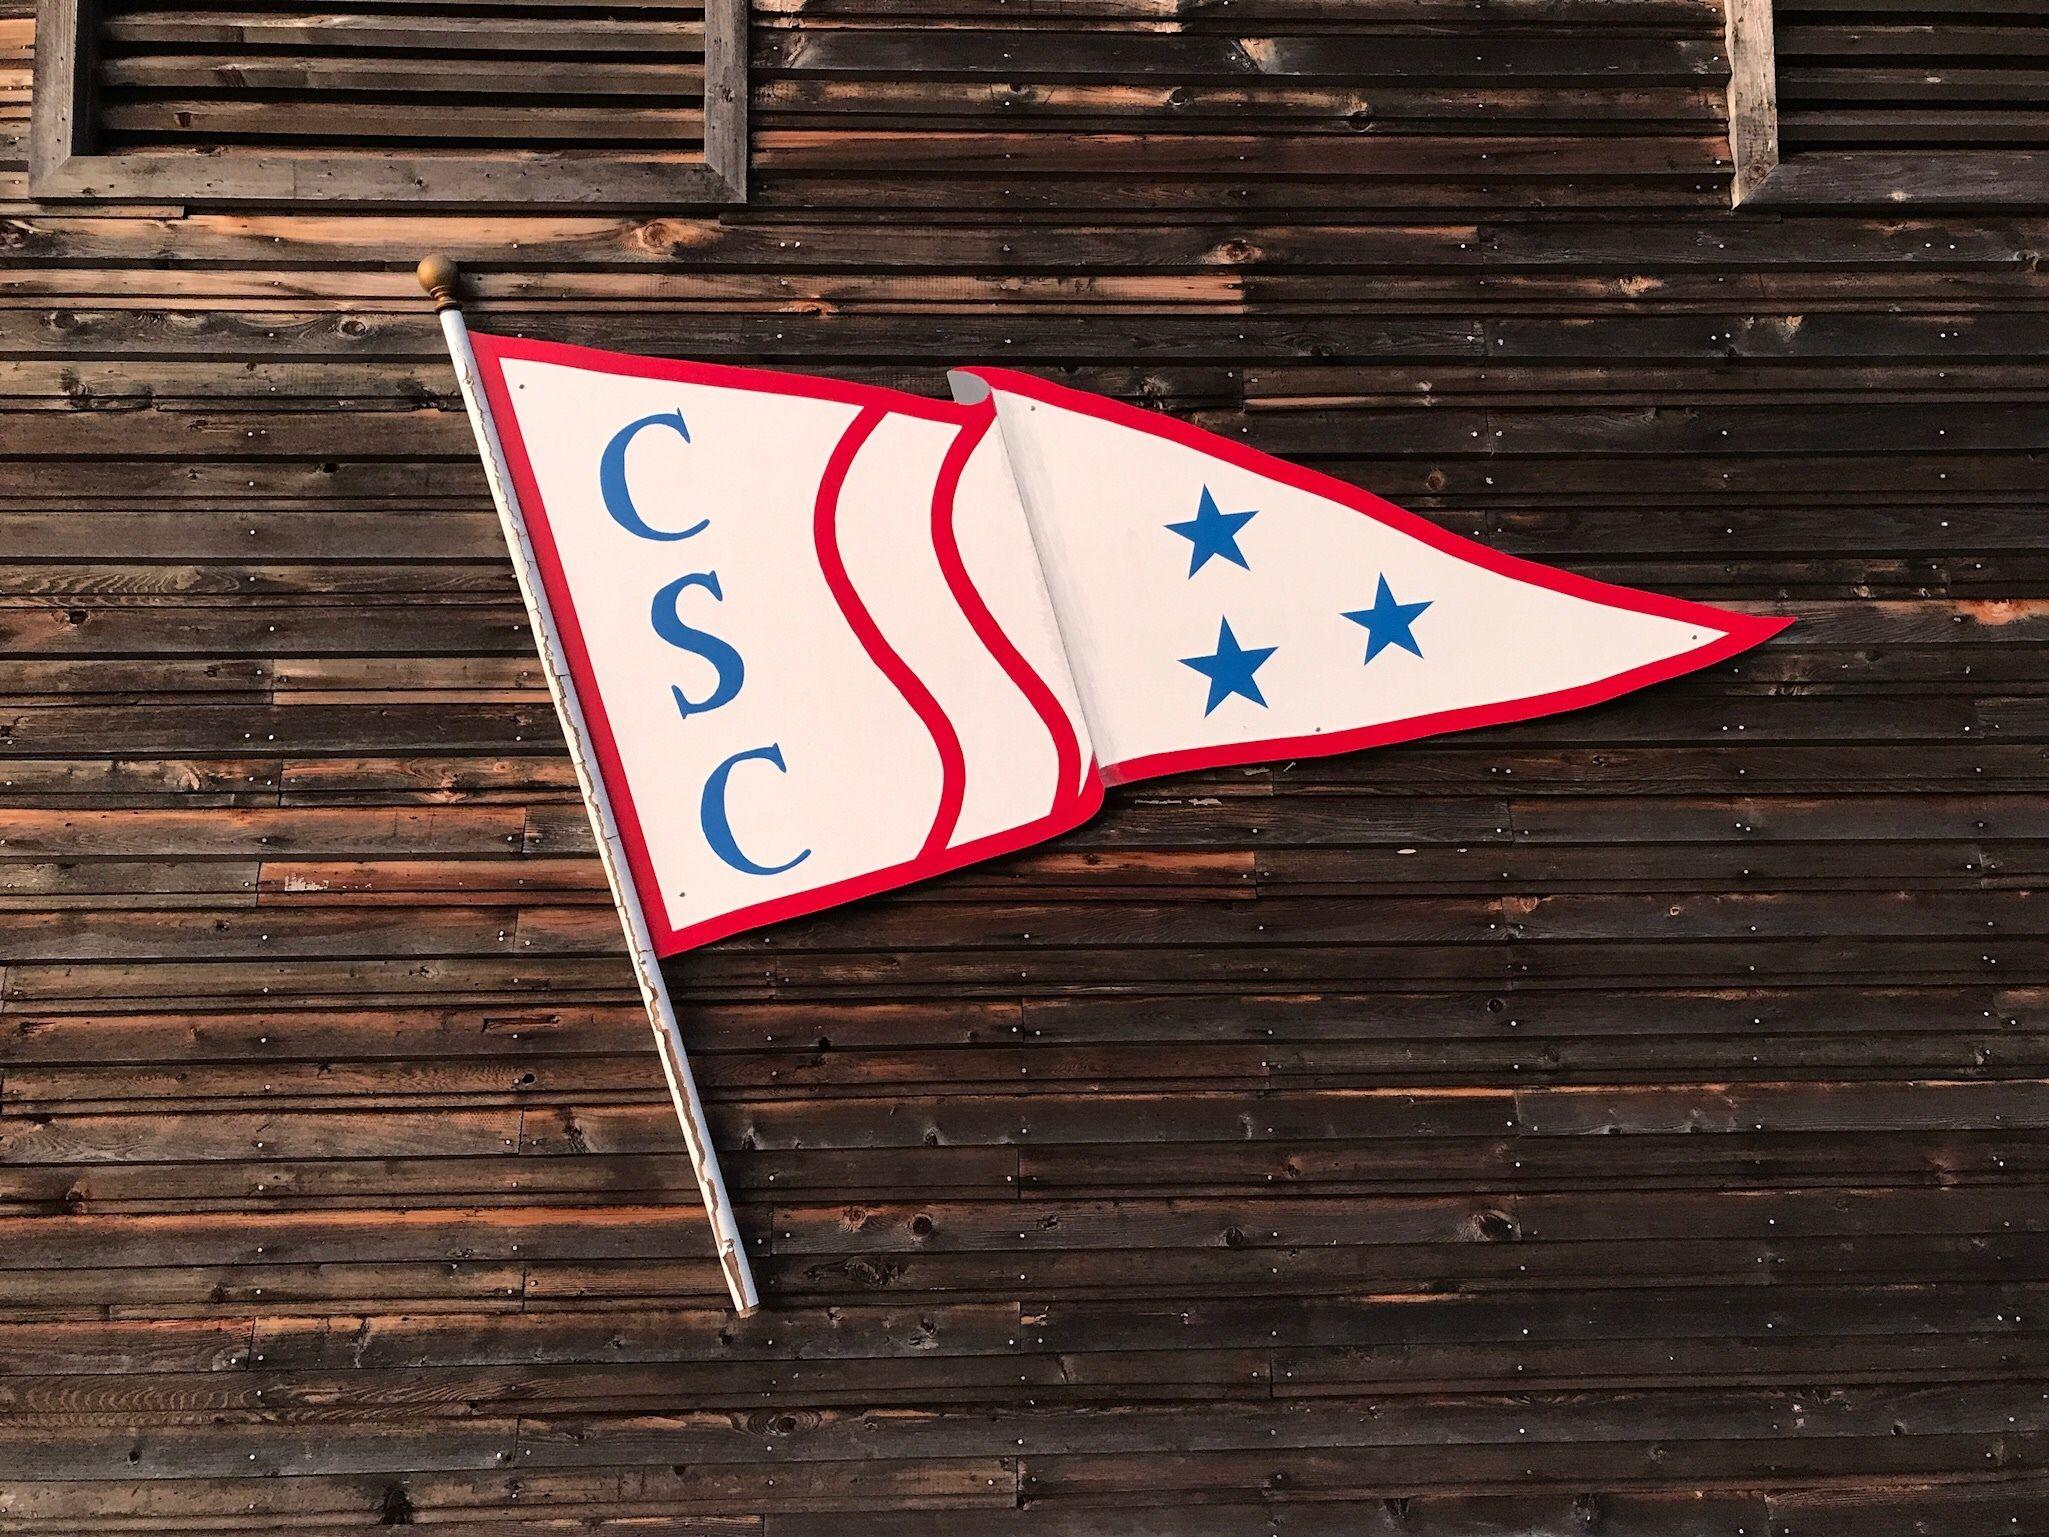 Chatham Sailing Club